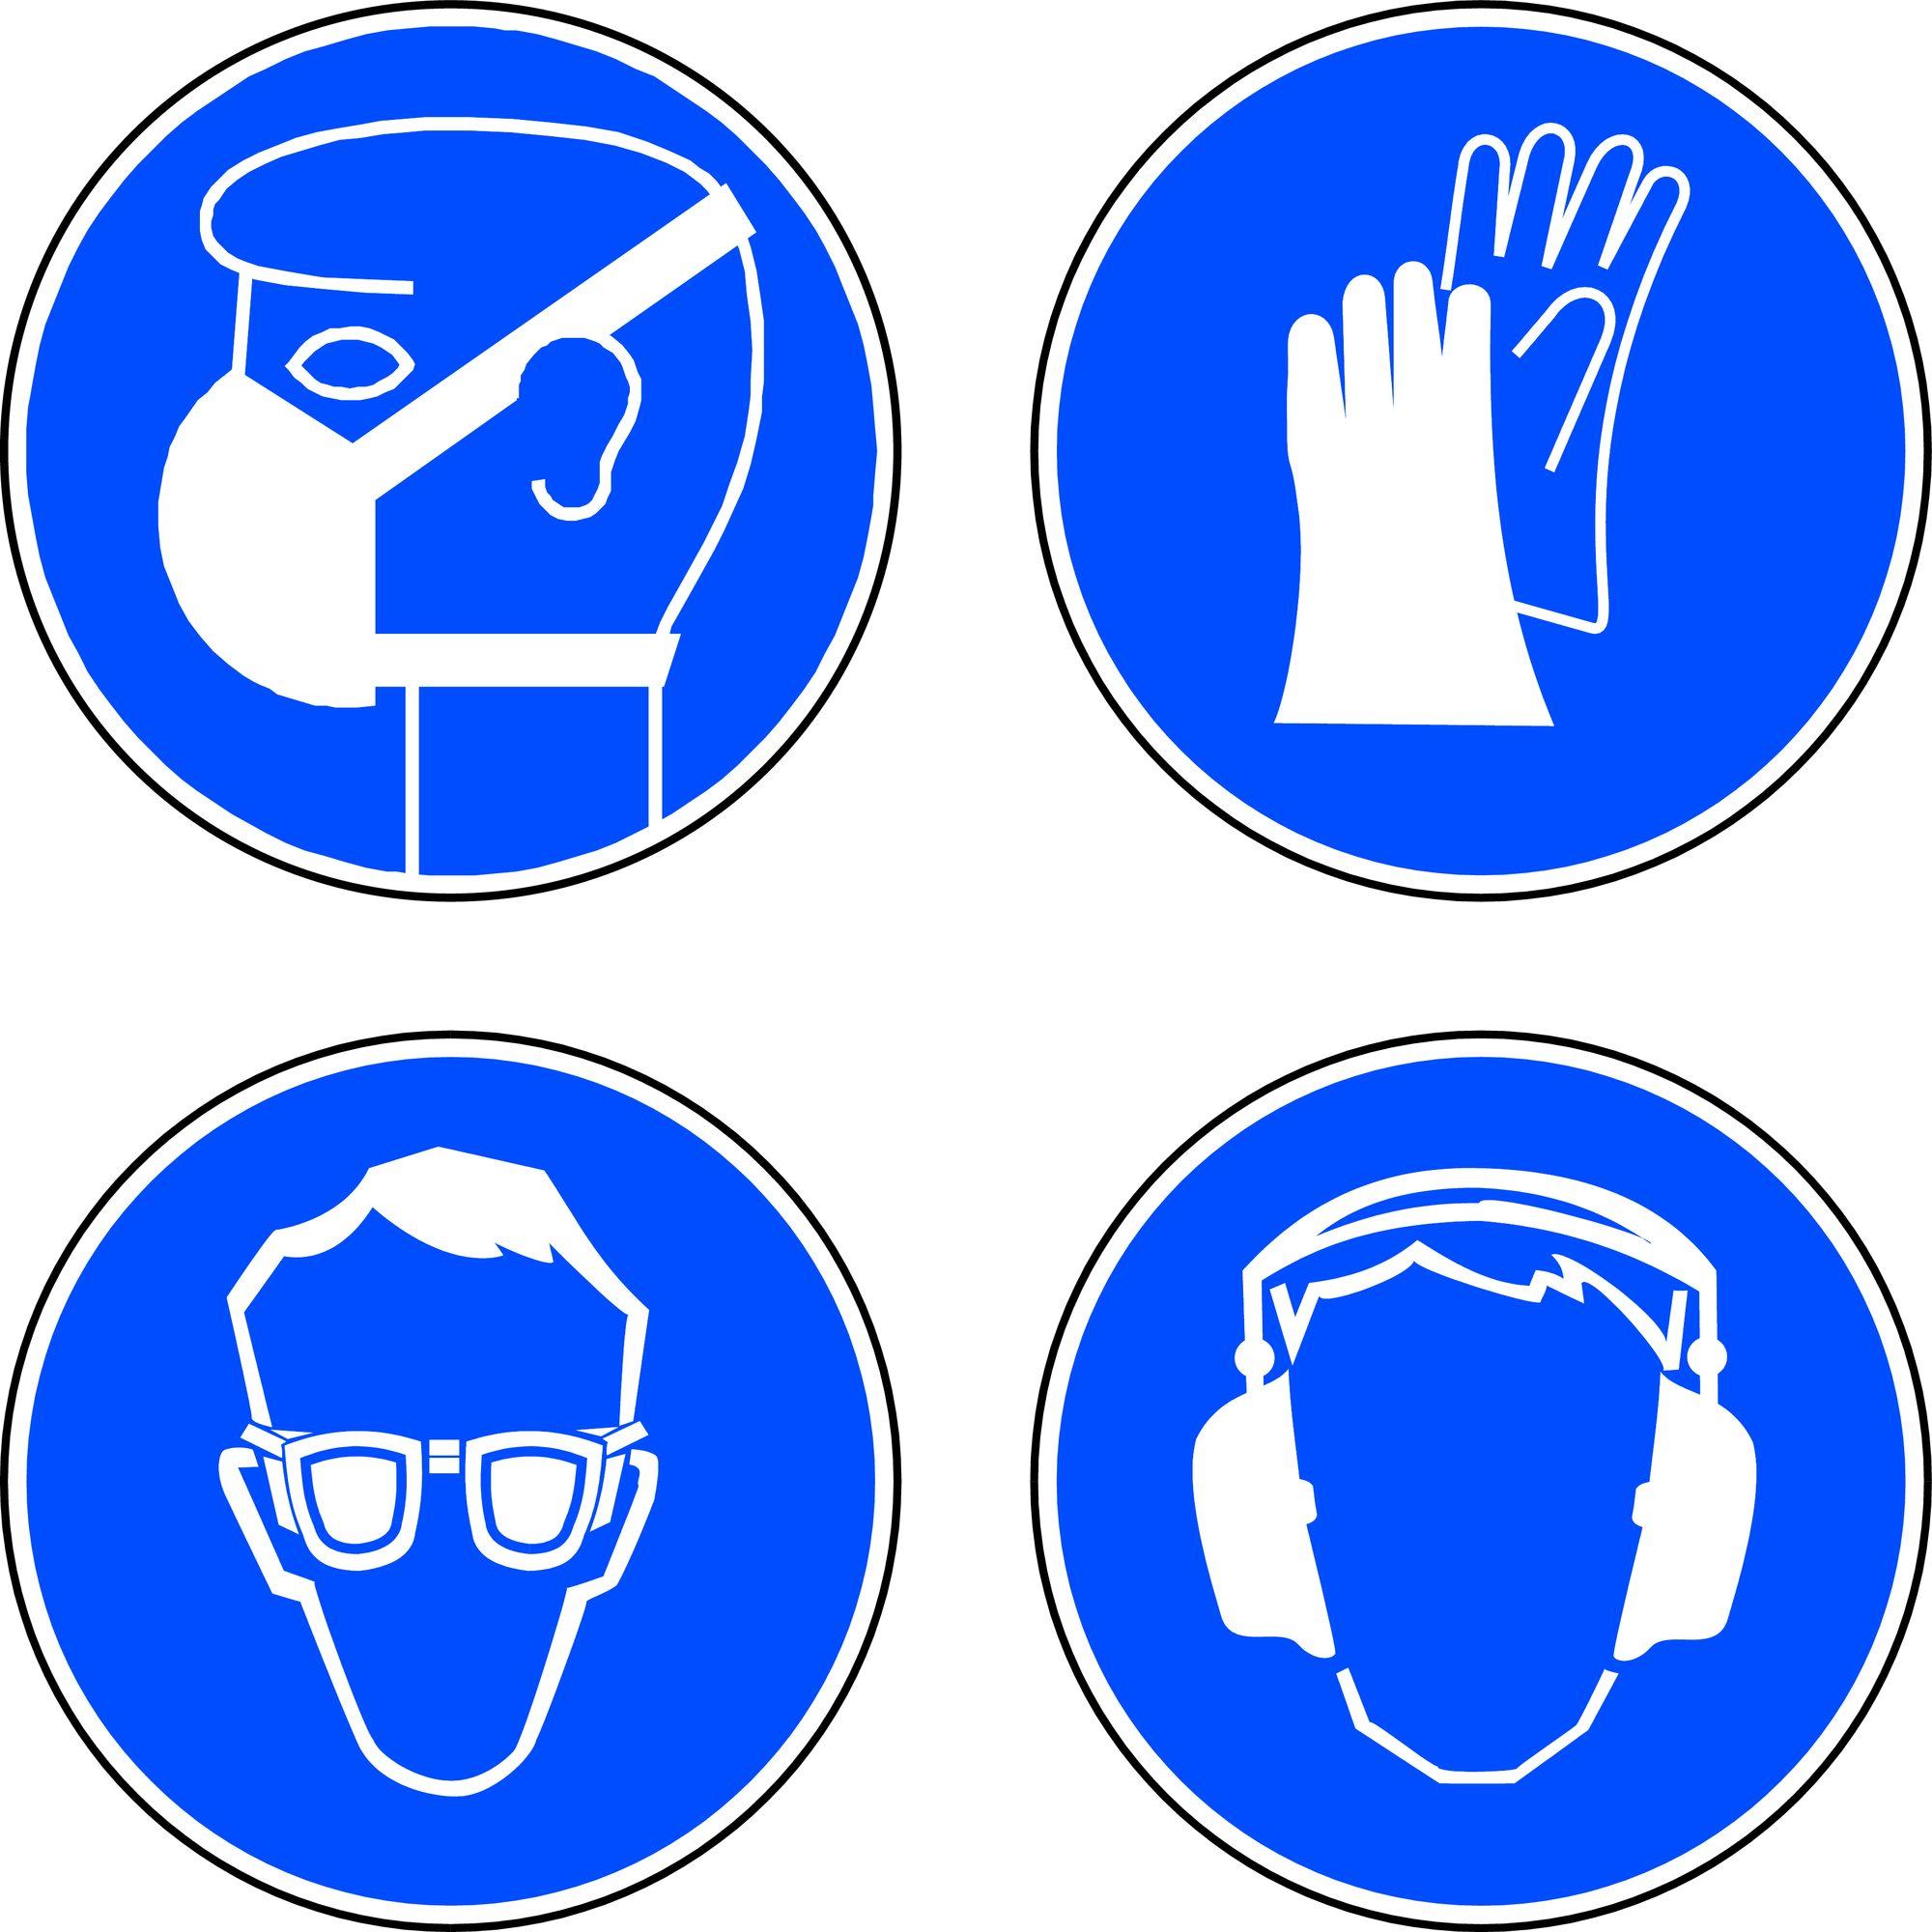 HAZET Ersatz-Schleifscheibe ∙ starke Verschmutzung ∙ 56mm 4961N-023S/5 ∙ Anzahl Werkzeuge: 5